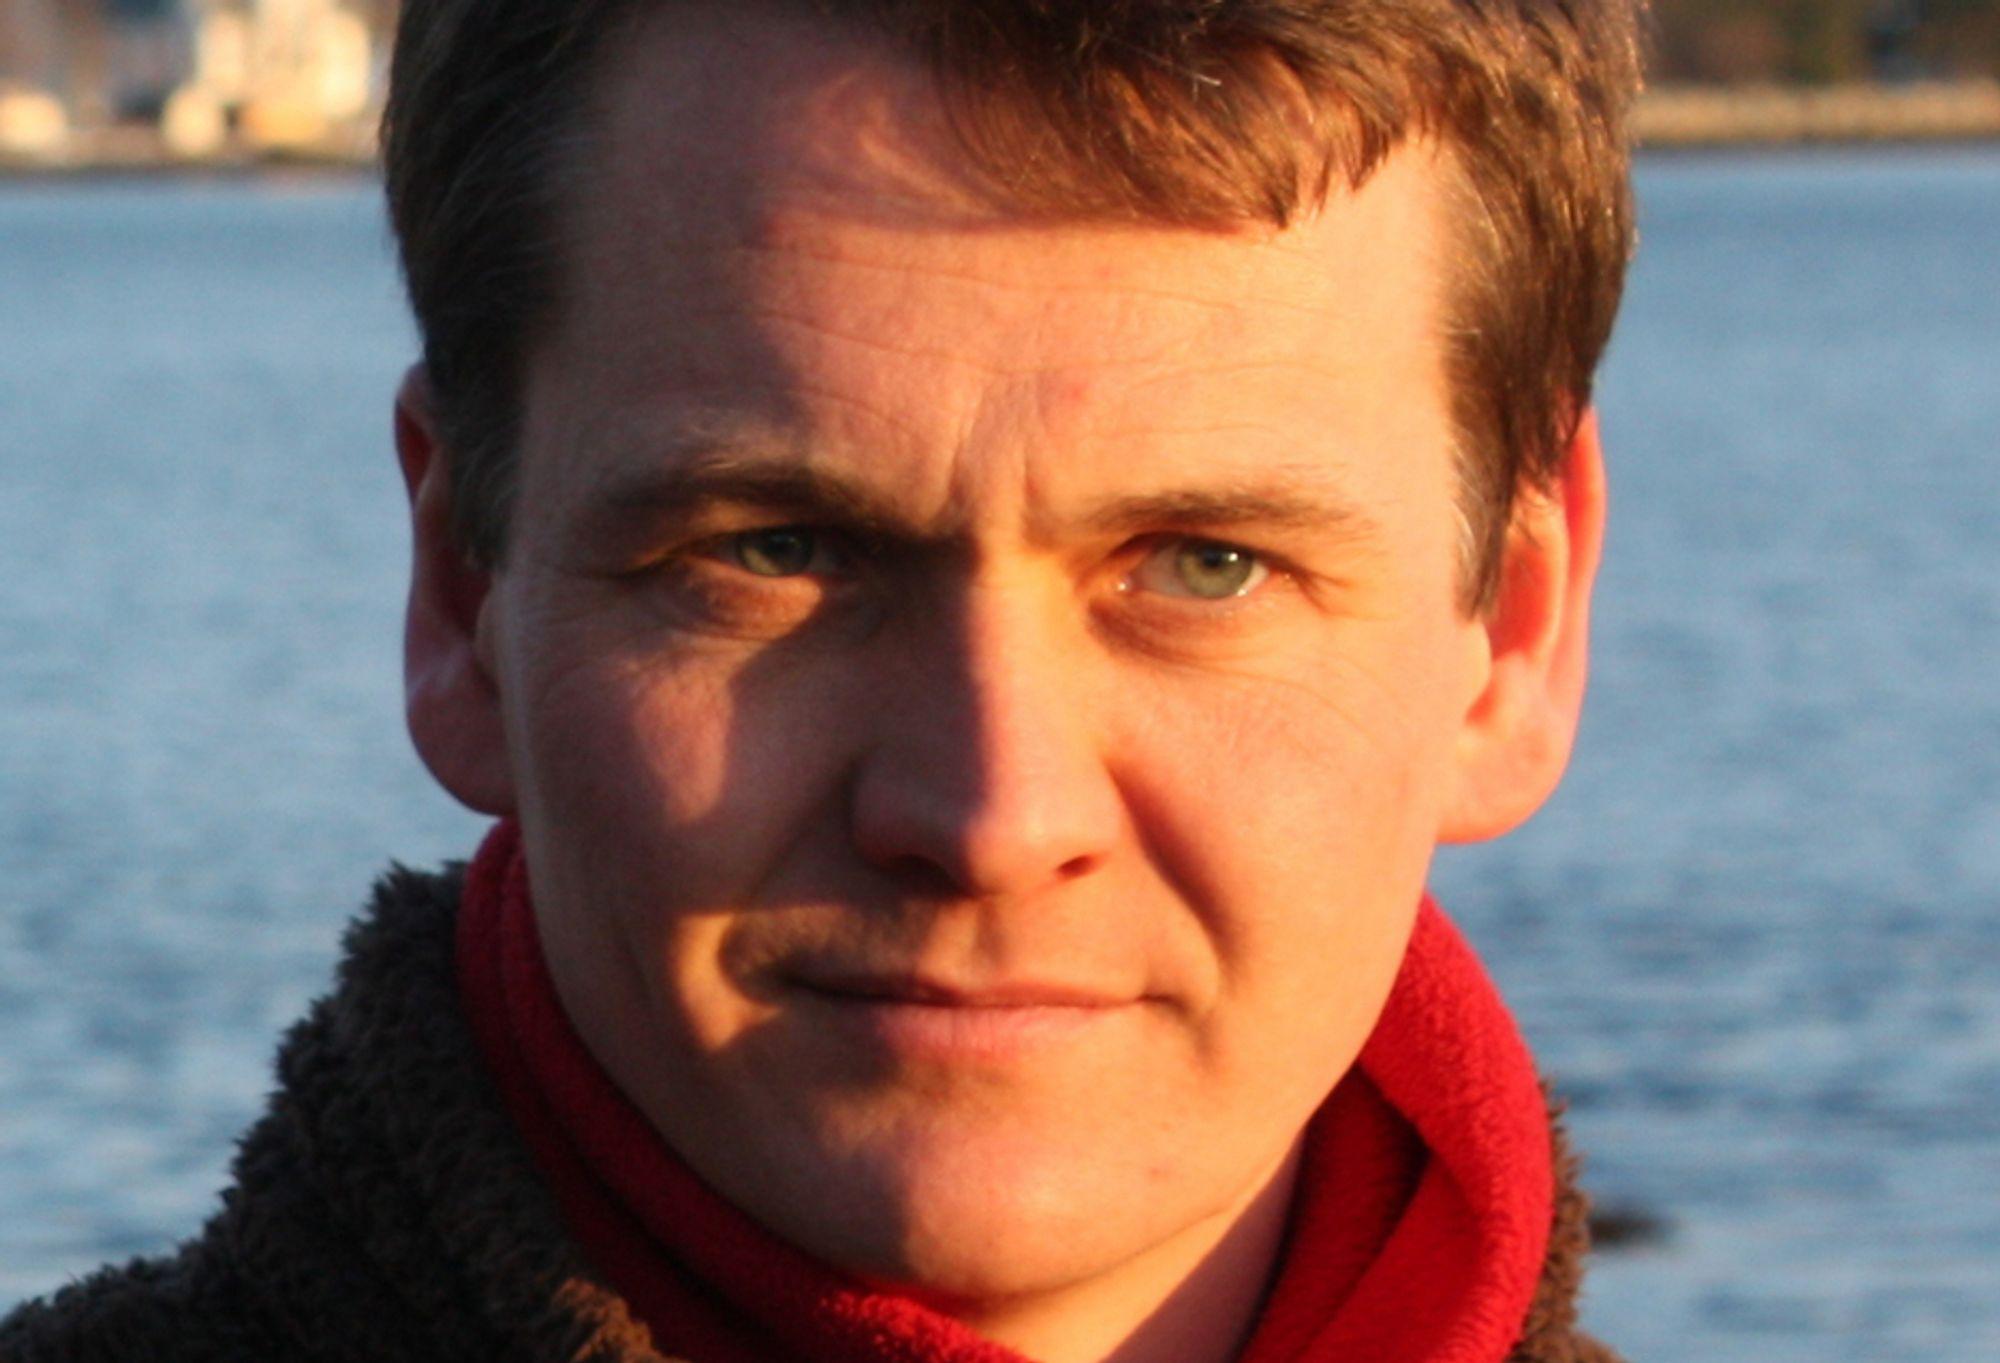 FØRSTE: Bjørnar Danielsen blir første norske grenseløse ingeniør. Han forlater kontoret hos Sevan Marine for å kontrollere vannrenseanlegg i Sør-Irak.